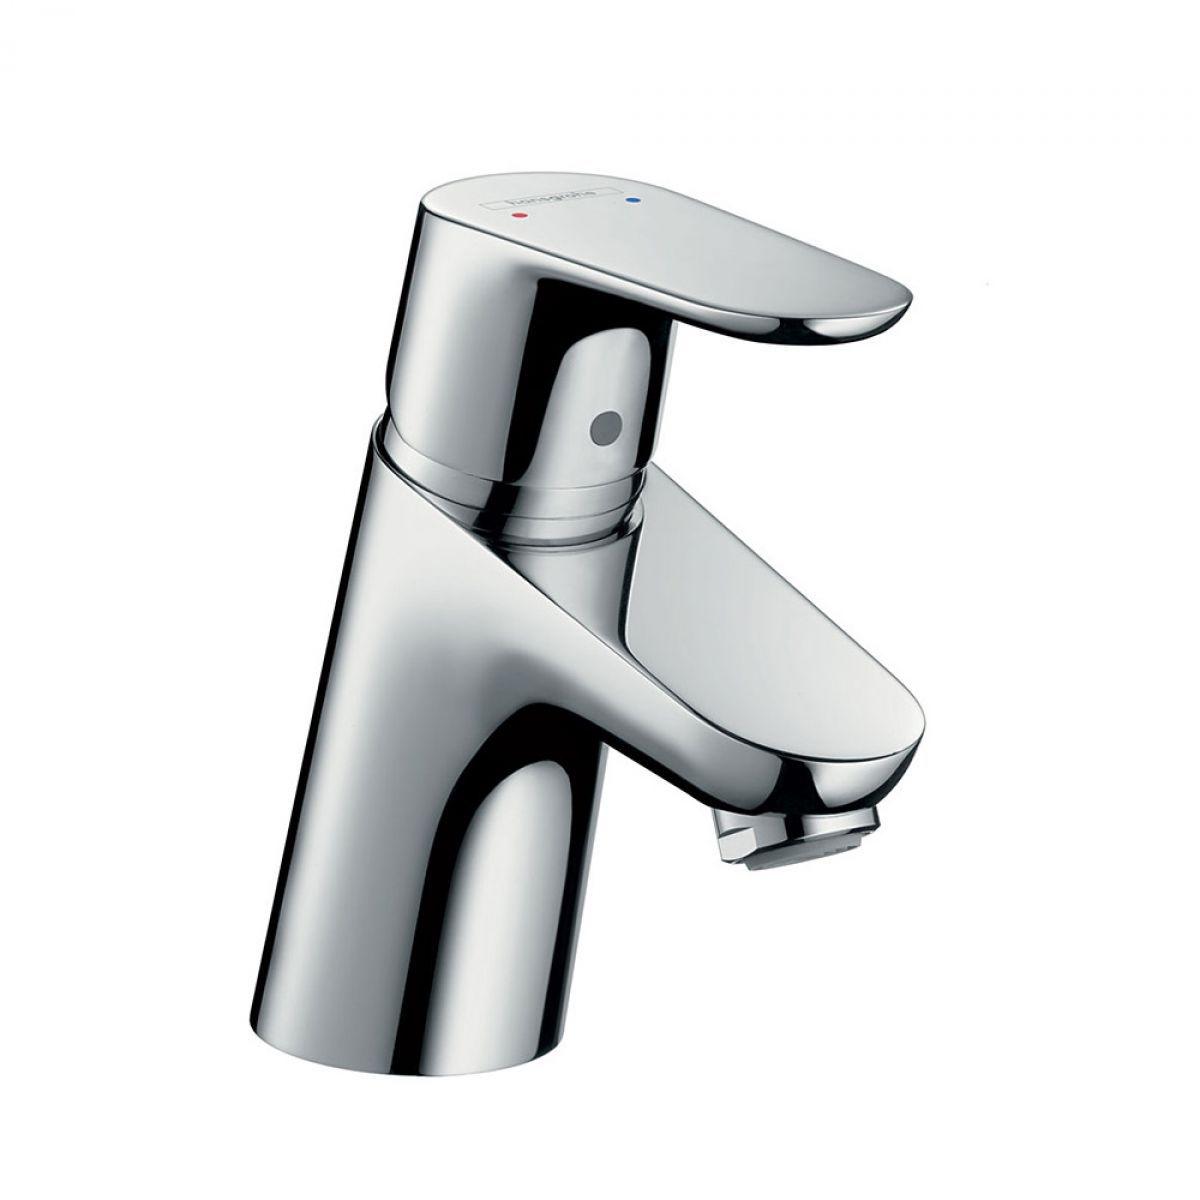 Hansgrohe Focus 70 Basin Mixer Tap : UK Bathrooms